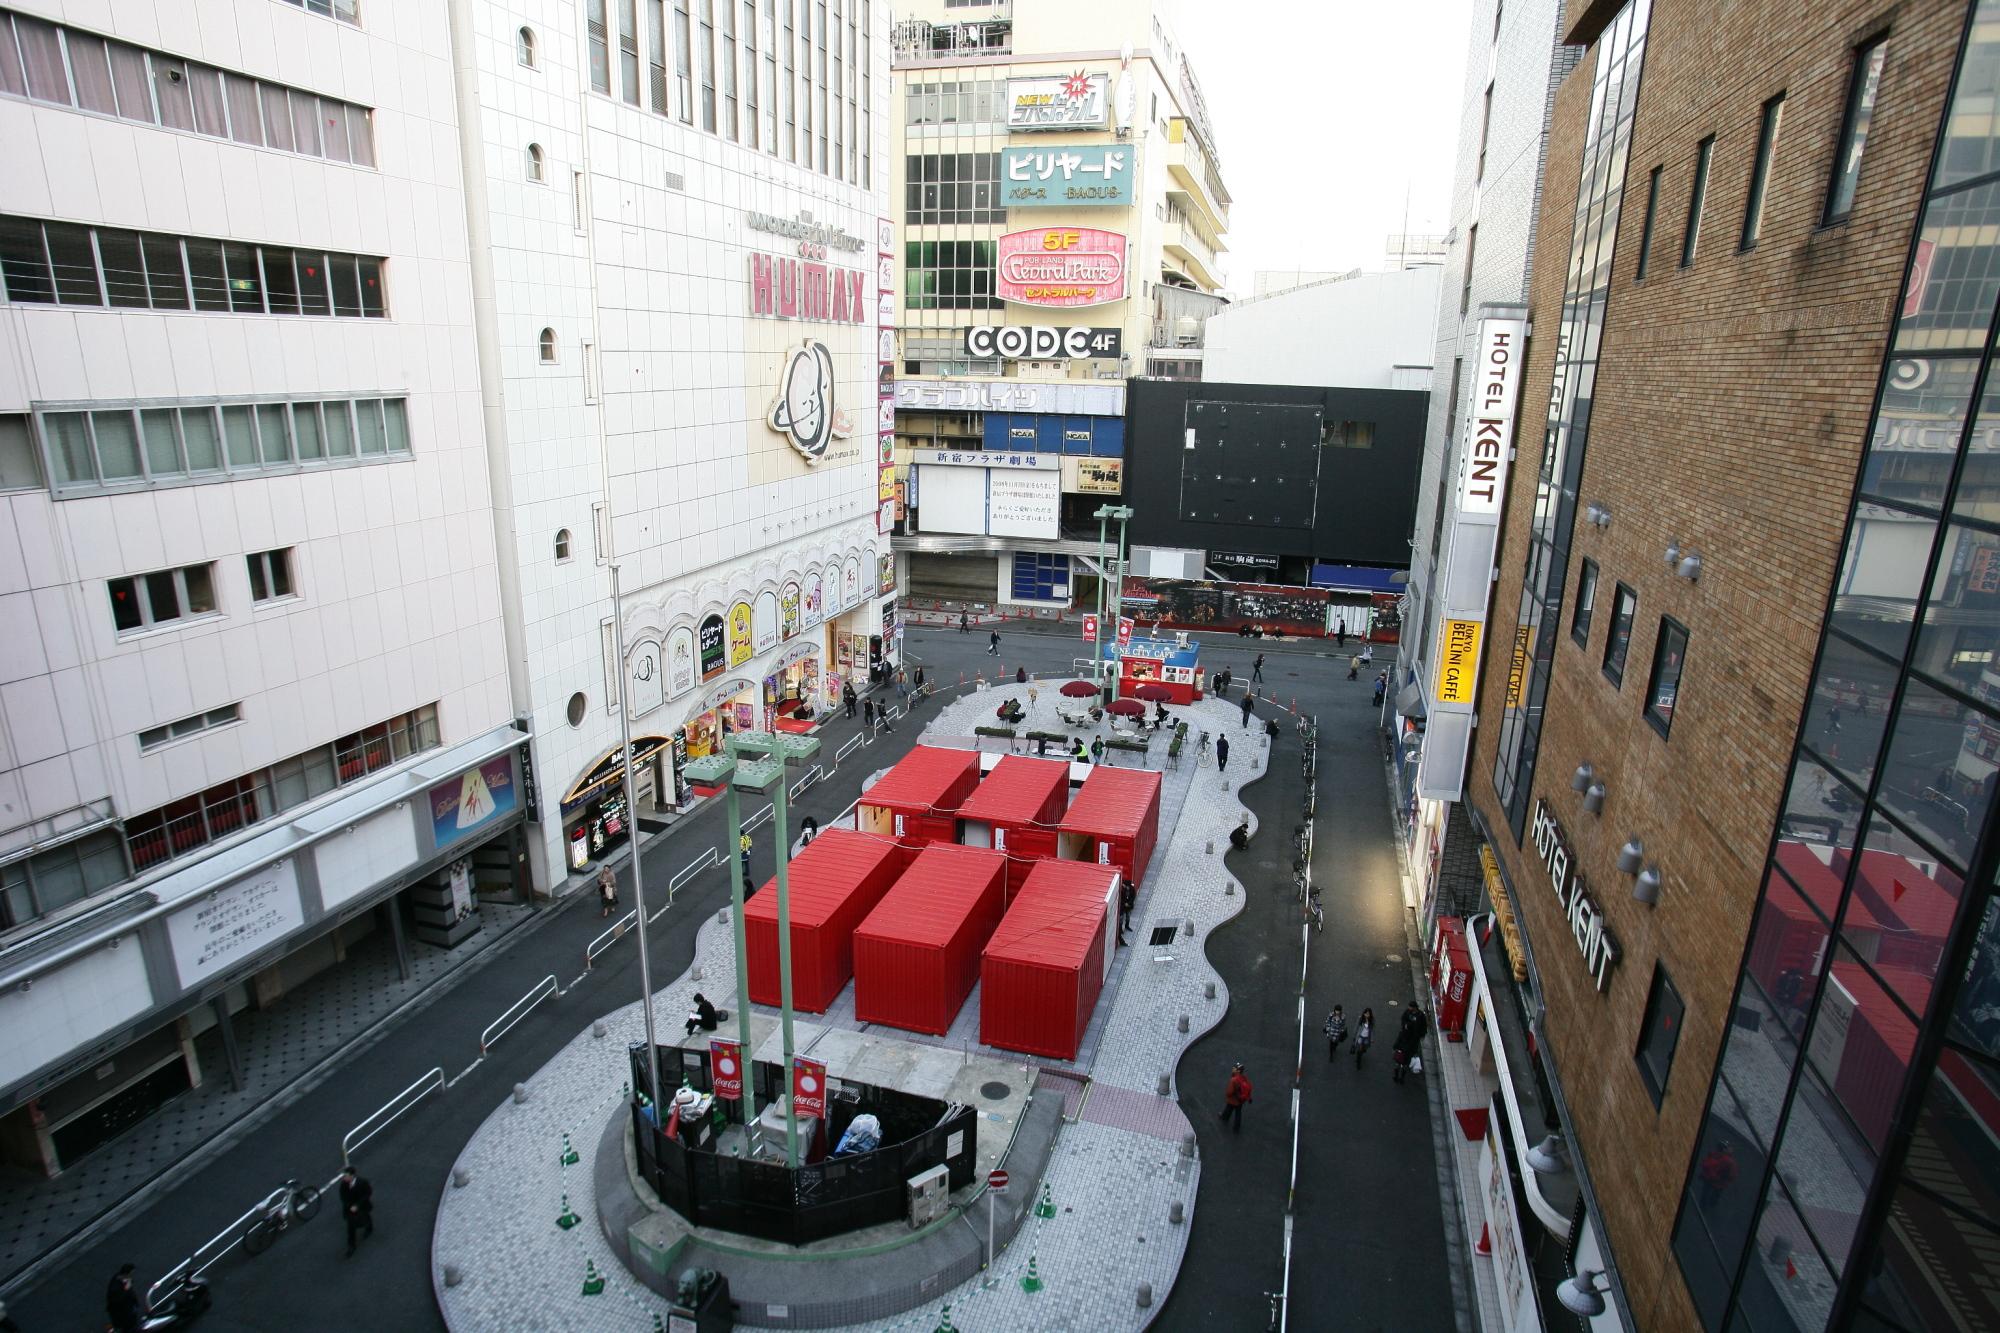 歌舞伎町アートサイト The Challenge of Public Media Art パブリックメディアアートの挑戦